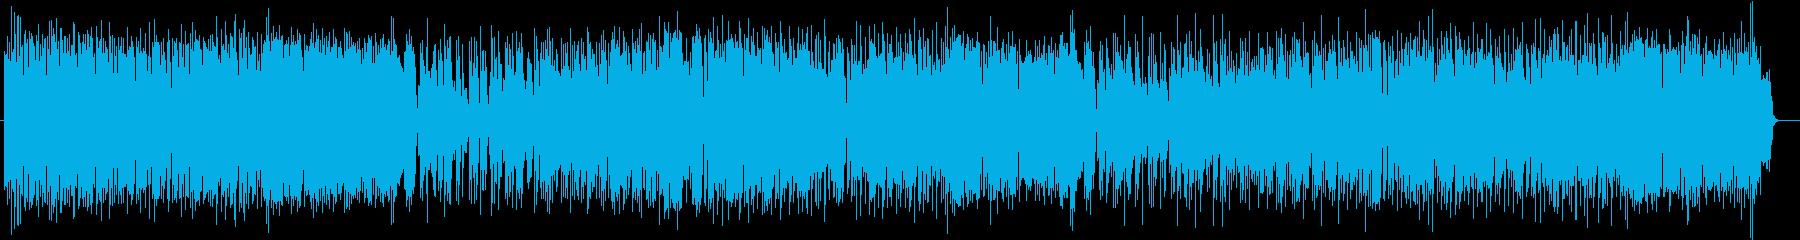 晴ればれとした明るいトランペットサウンドの再生済みの波形